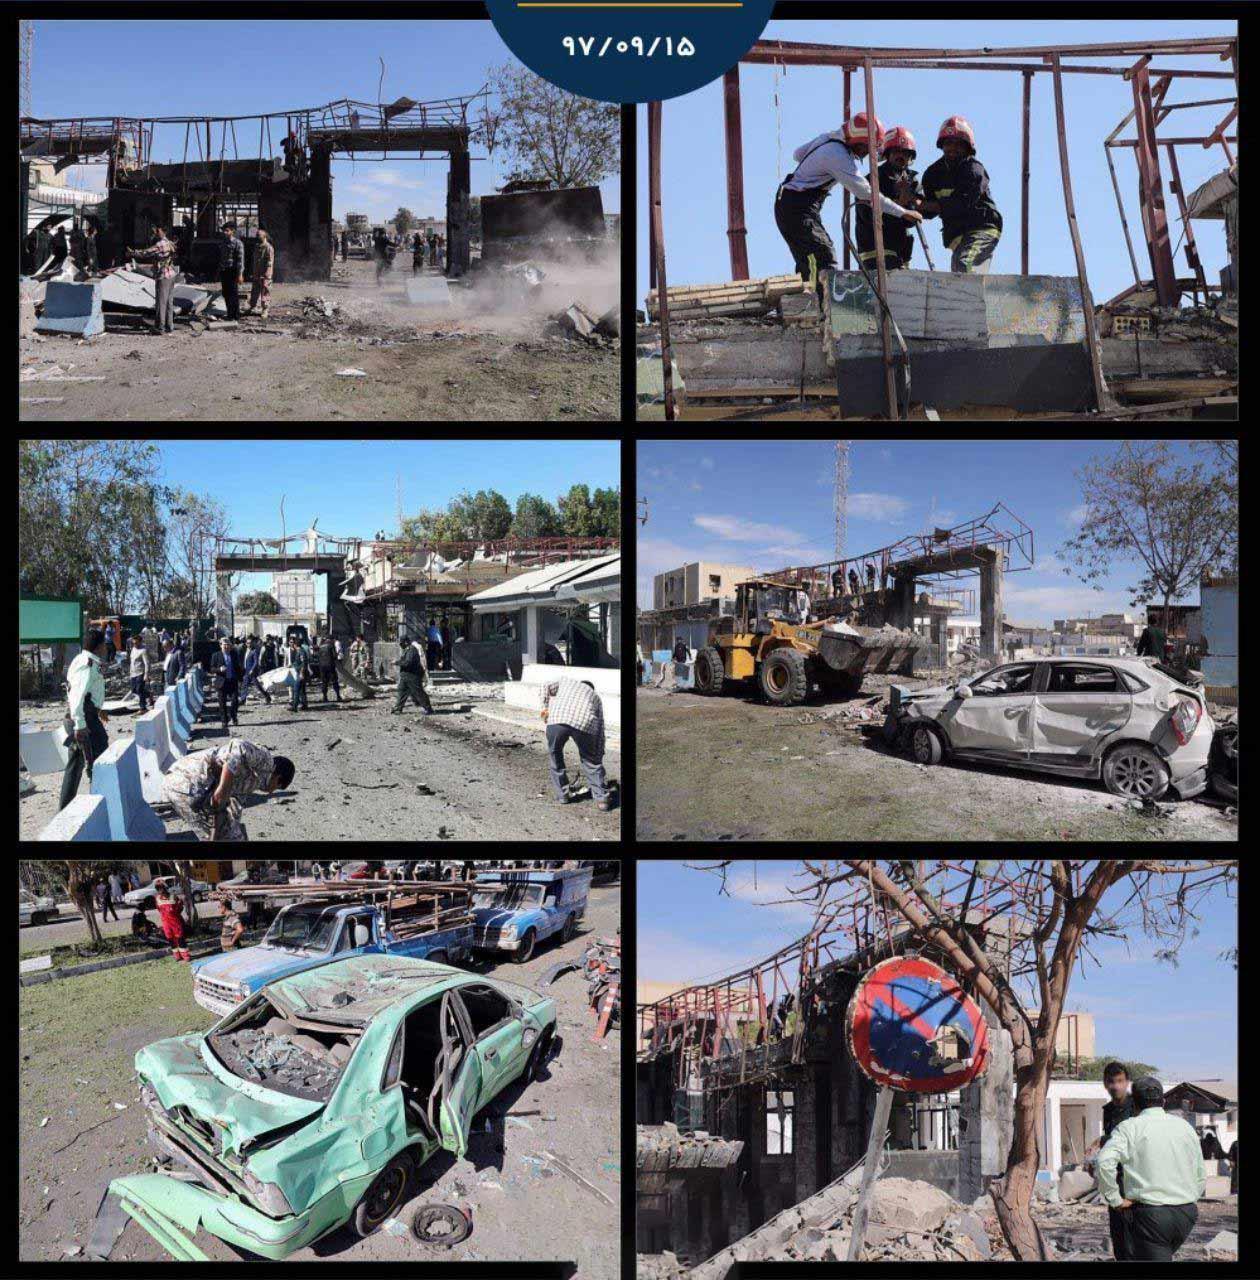 اعزام ۲ تیم امدادی برای خدمترسانی در حادثه تروریستی امروز